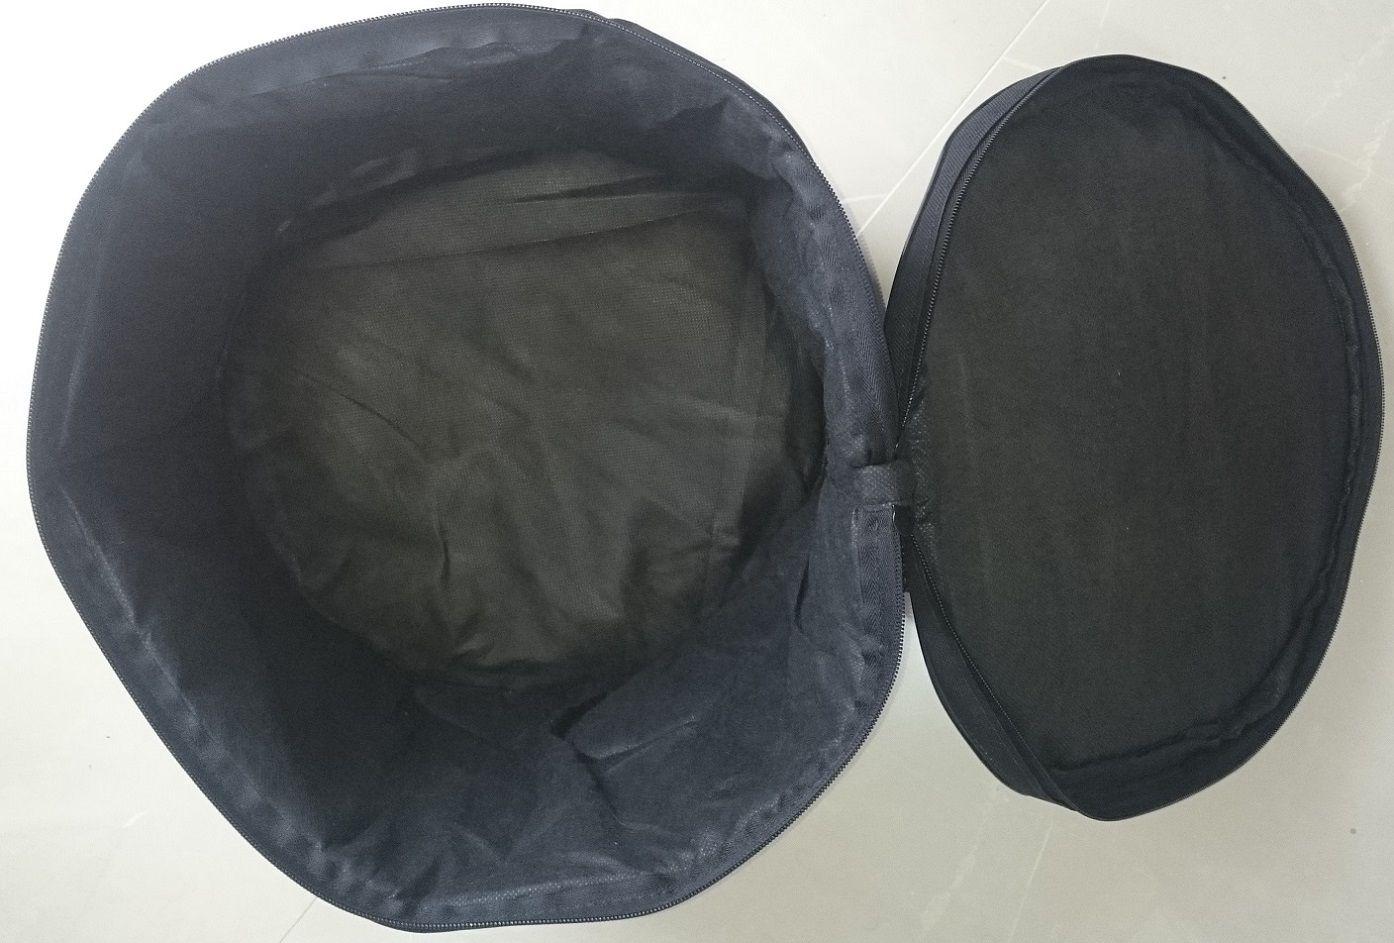 Kit de Bag's Extra-Luxo para Bateria com 6 Pçs 8 10 12 14 18 22